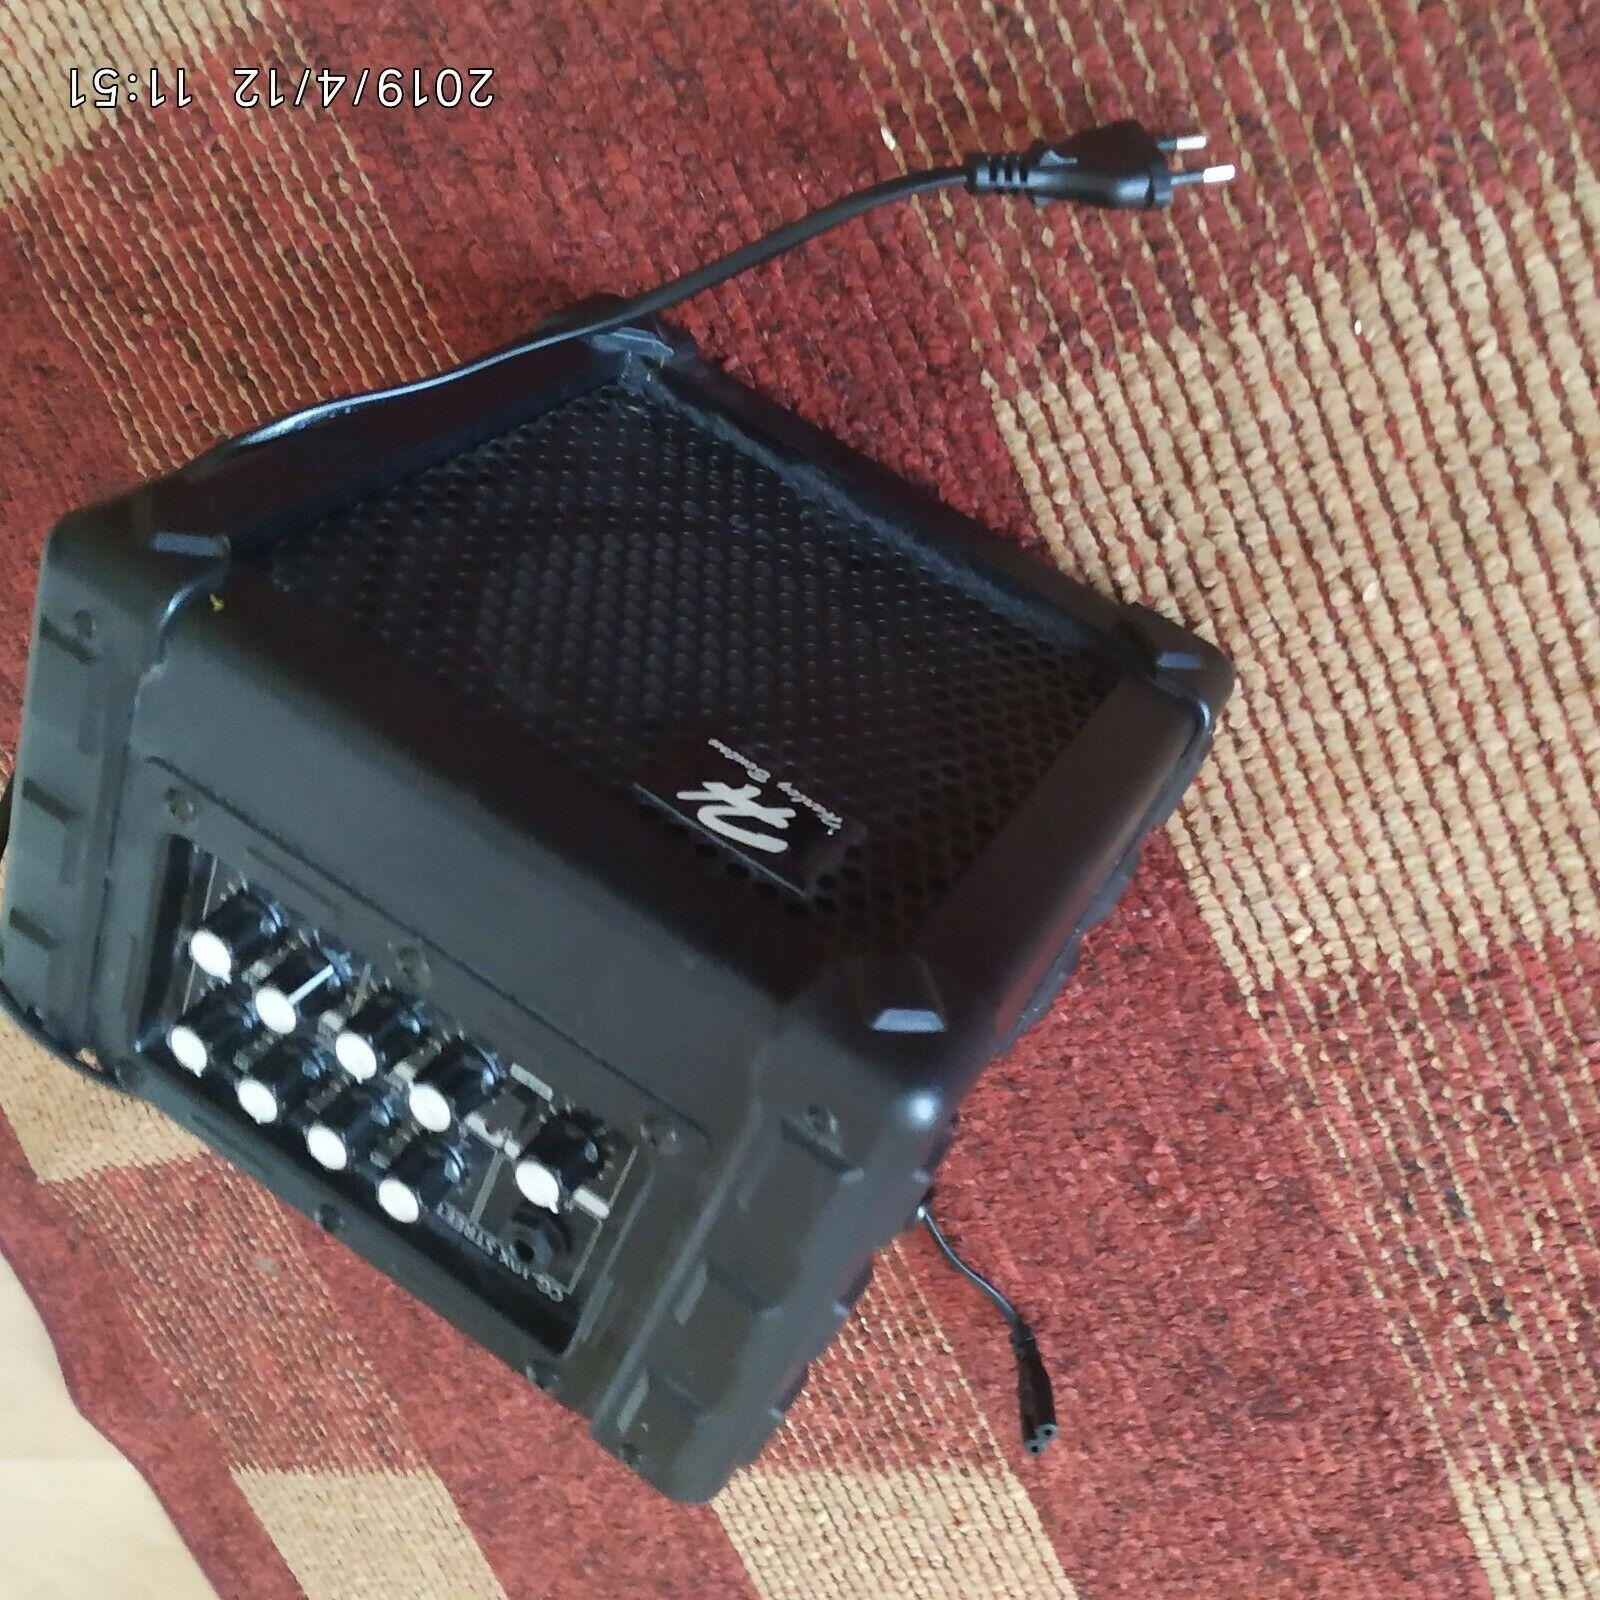 A-gitarren gitarren combo  Agitarren gitarren combo paar mal benutzt wie neu